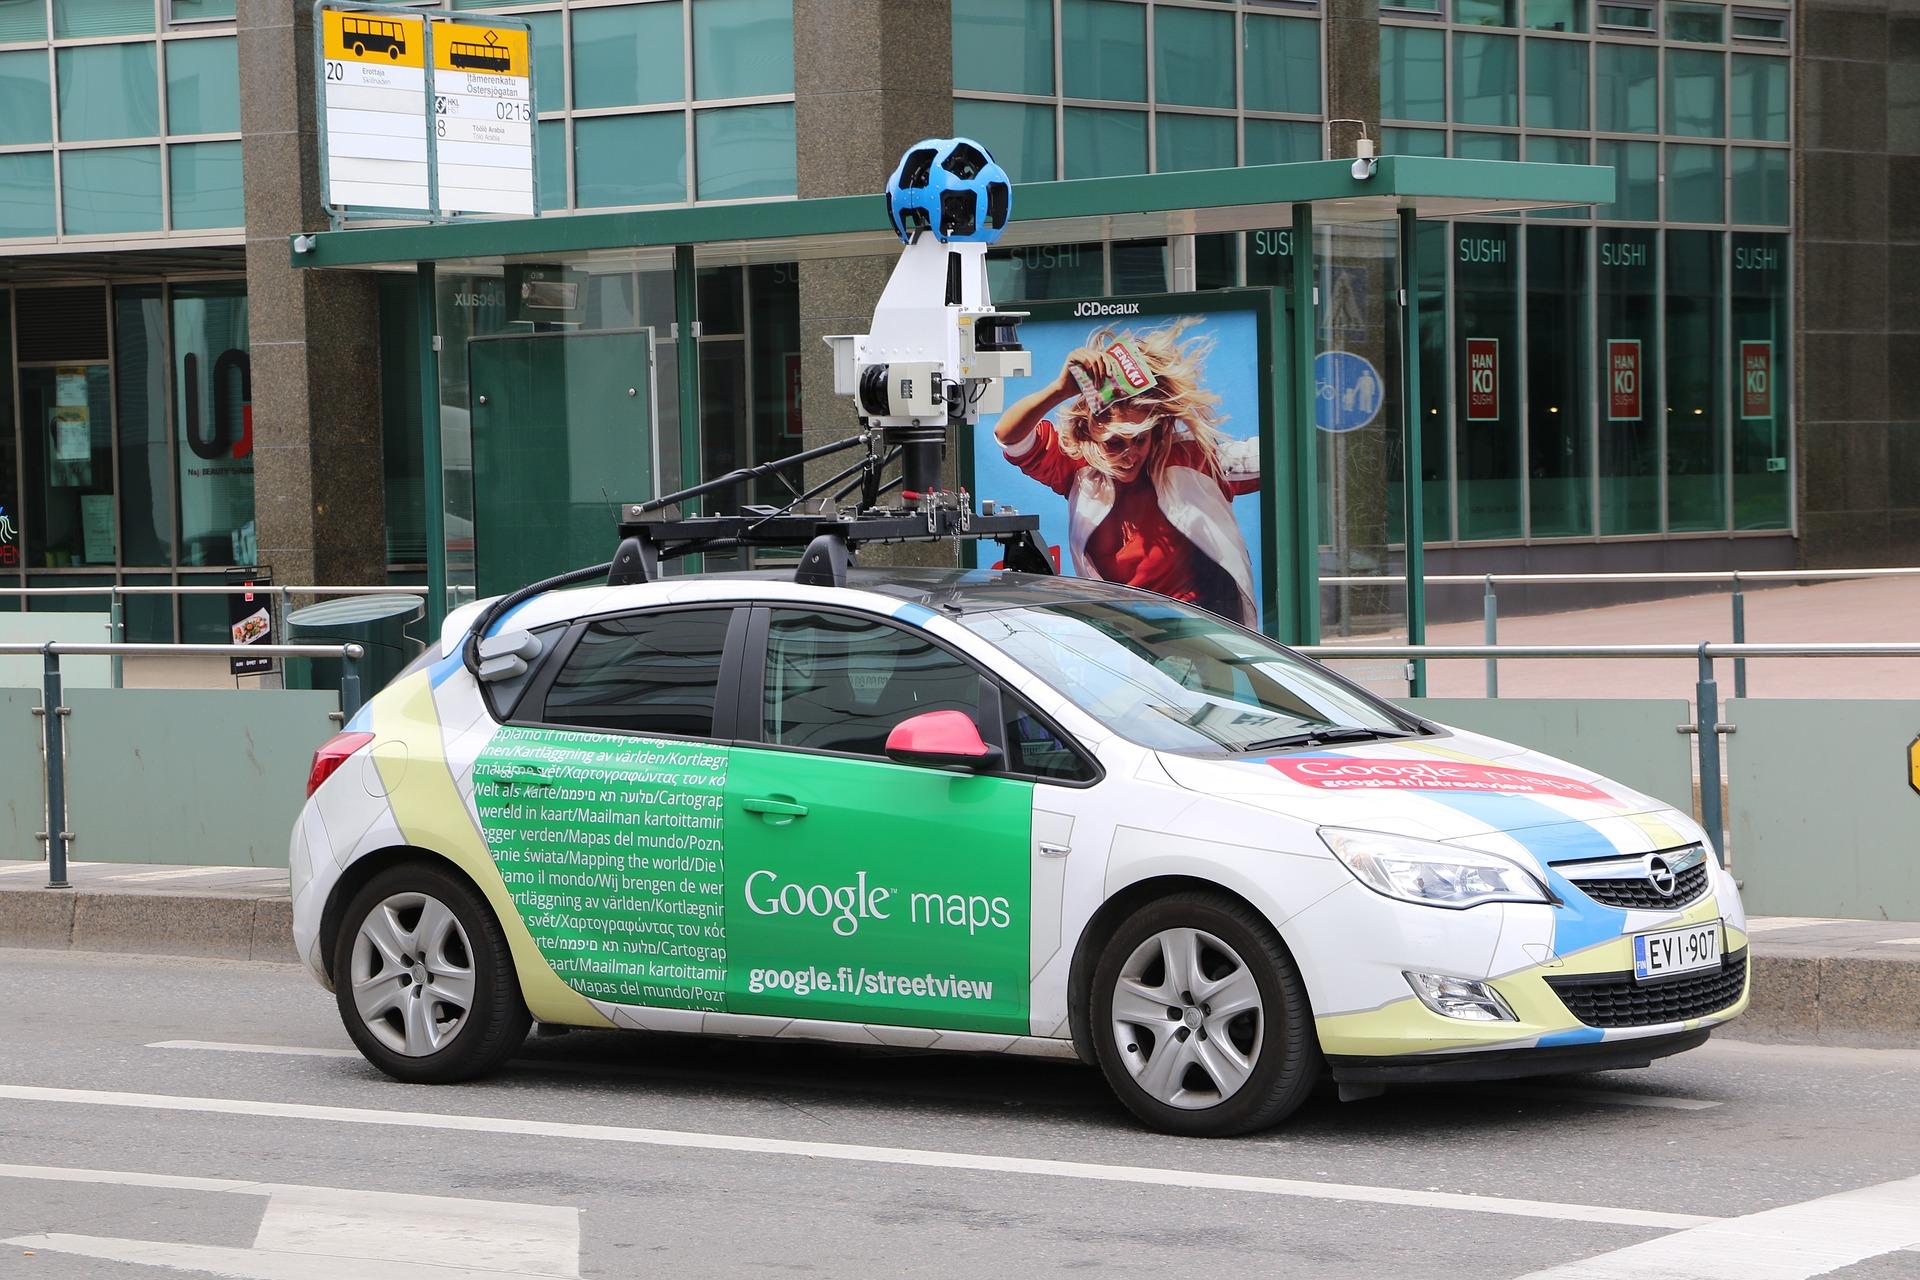 Google Driverless Car - GWCars.org